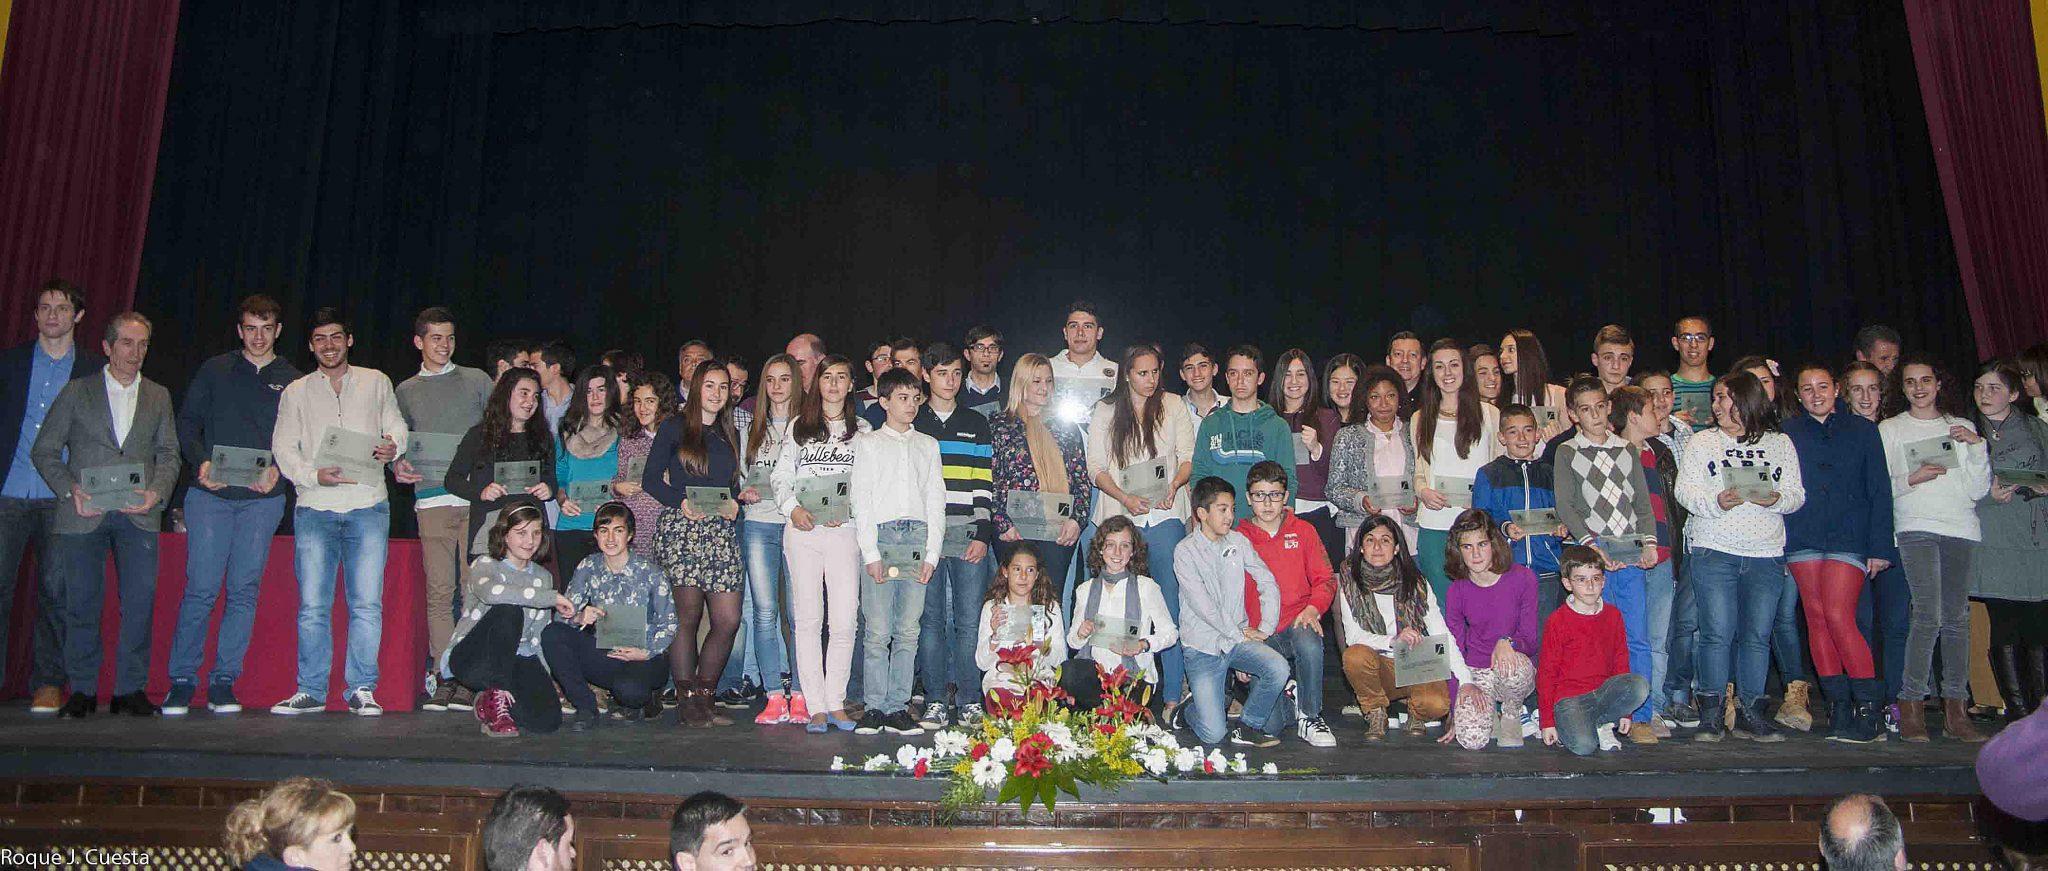 Gala del Deporte de Manzanares